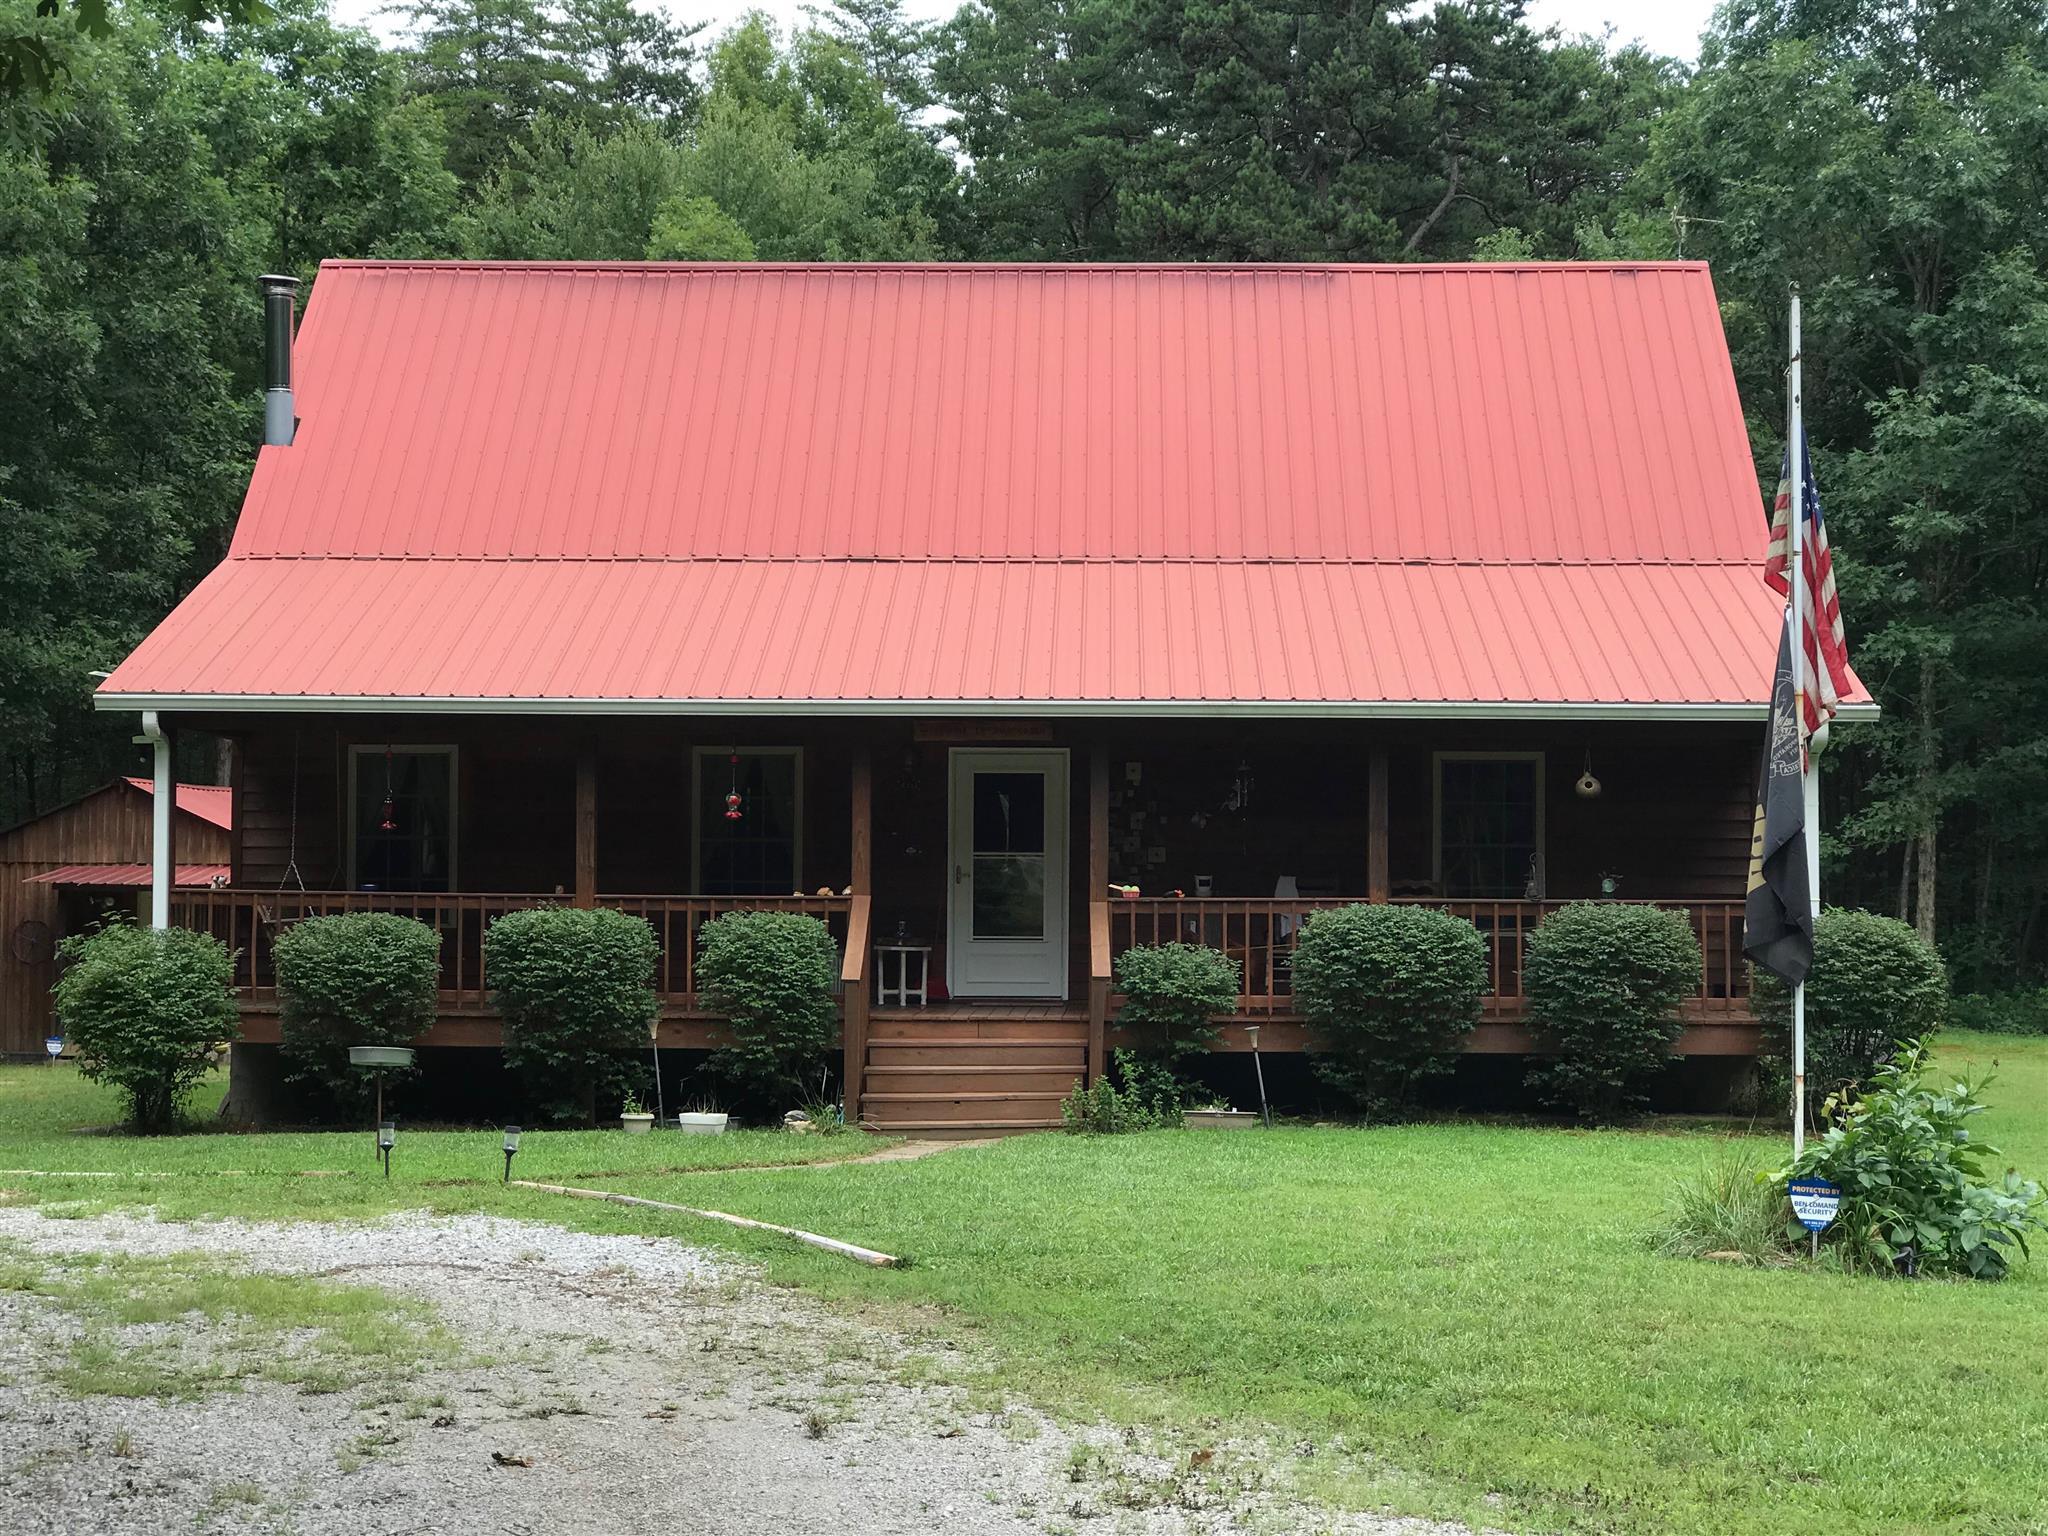 694 Colonel Brady Drive, Altamont, TN 37301 - Altamont, TN real estate listing